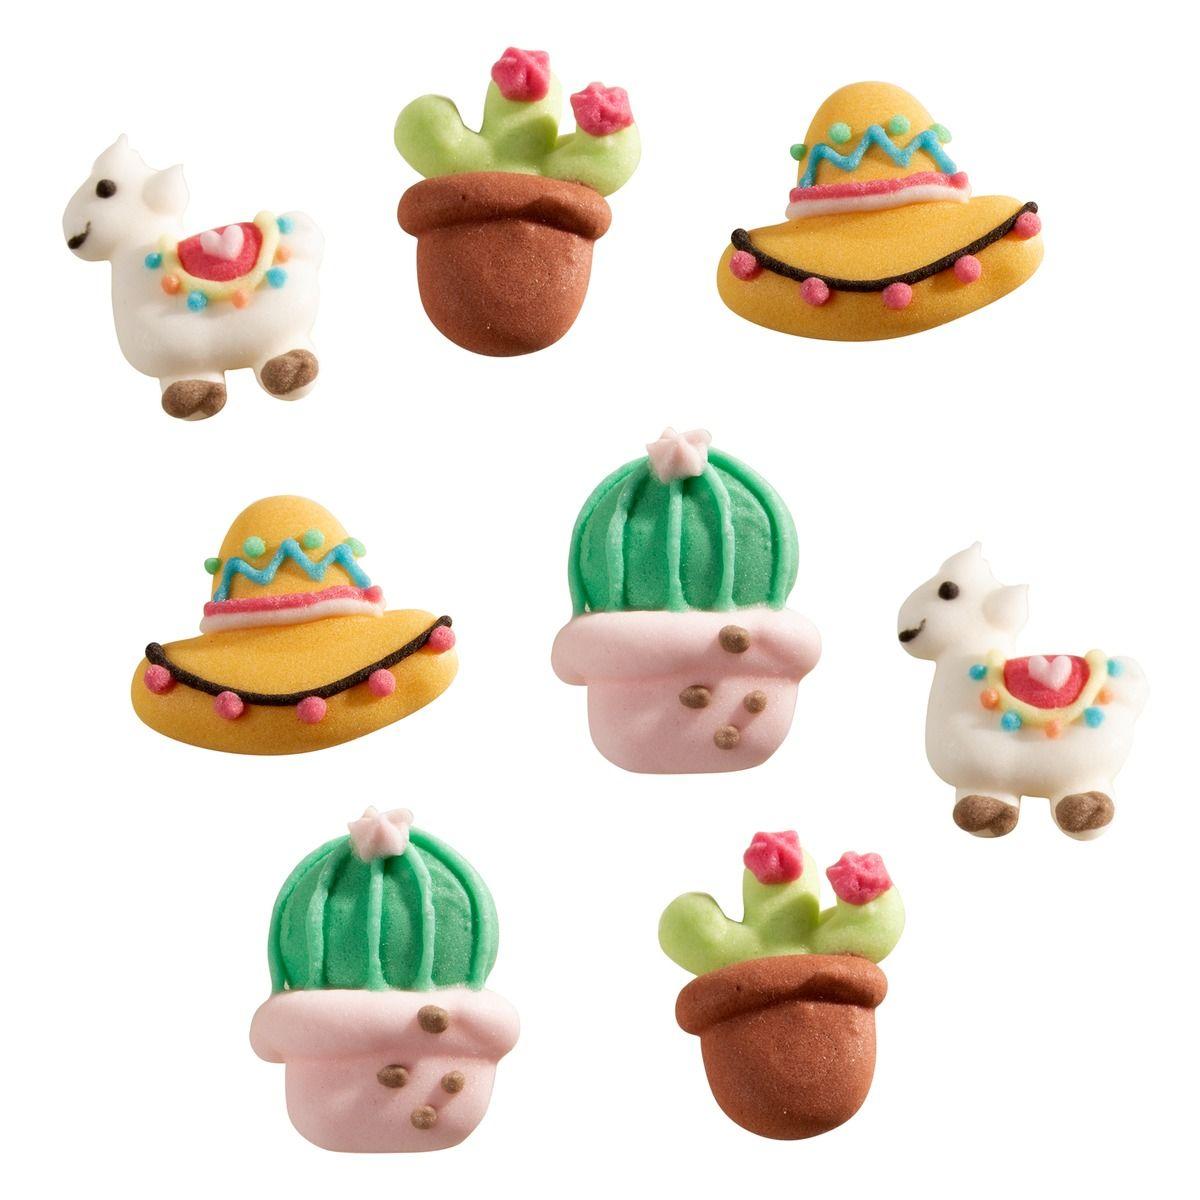 Plaque de décors comestibles : 8 décors thème mexicain : cactus, lama, chapeau et cactus - Alice Délice